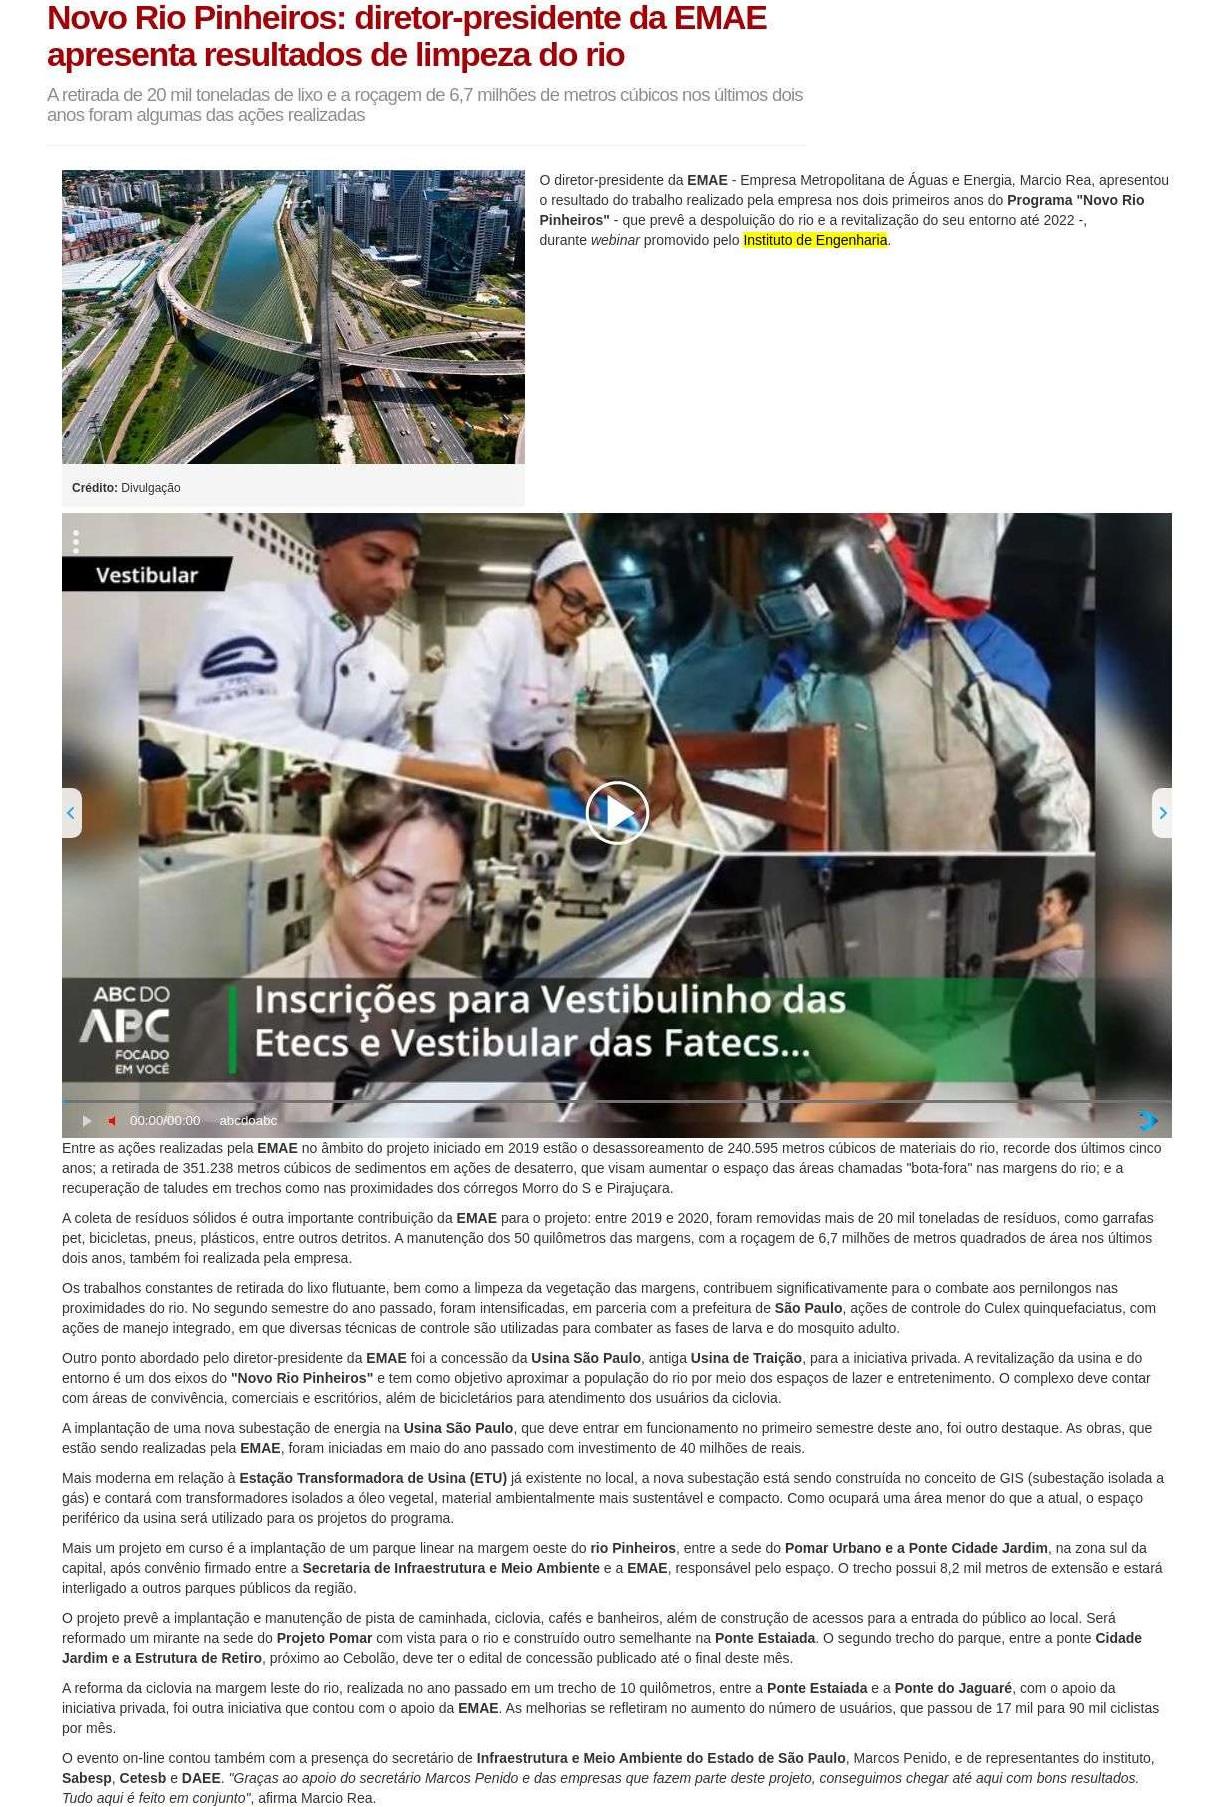 Novo Rio Pinheiros: diretor-presidente da EMAE apresenta resultados de limpeza do rio - ABC do ABC